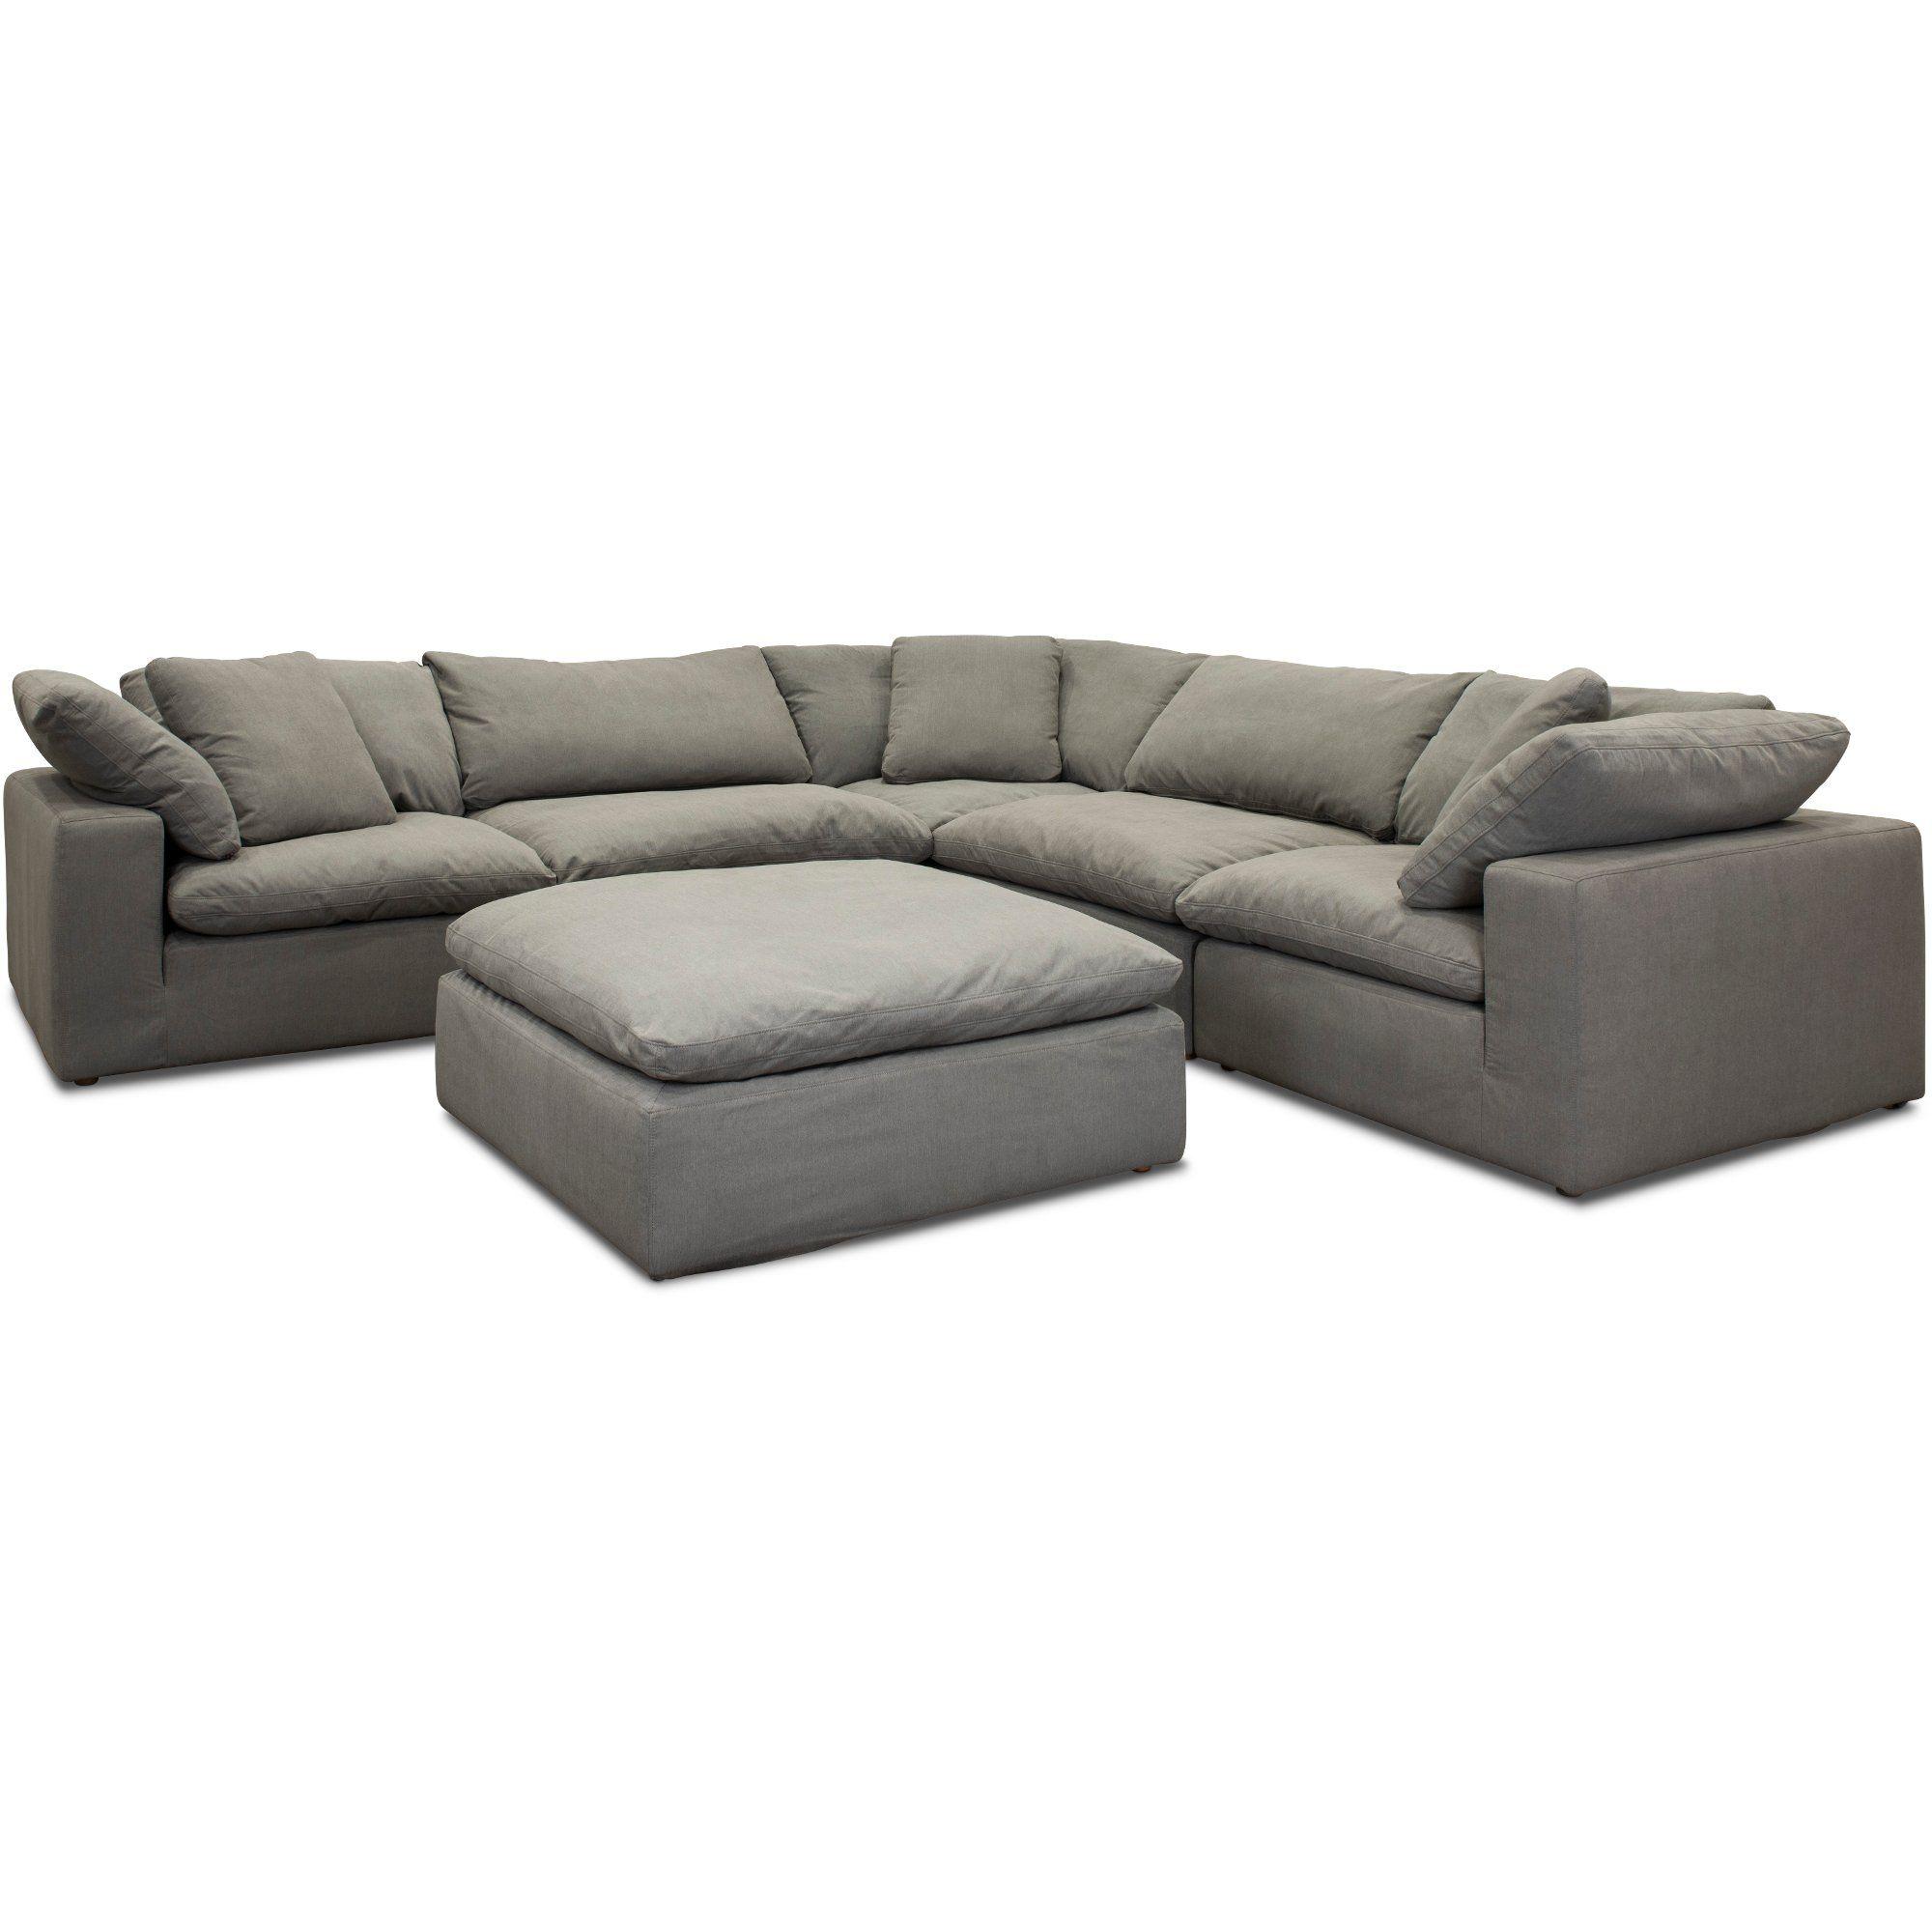 Slate Gray 5 Piece Sectional Sofa Peyton Rc Willey Furniture Store In 2020 Sectional Sofa Furniture Sectional